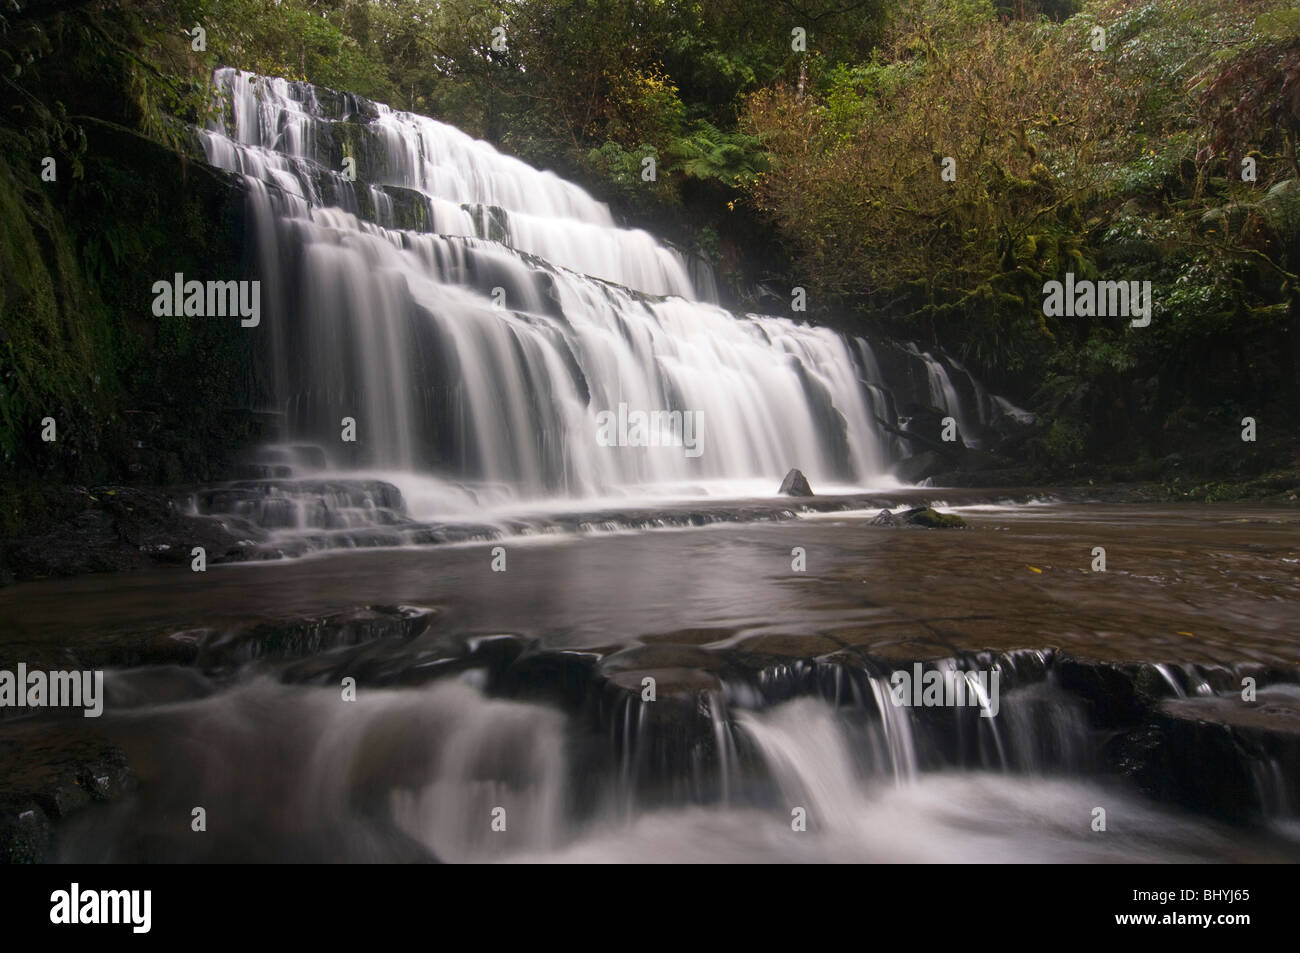 Les Purakaunui Falls qui sont une attraction touristique populaire dans le district de Catlins, Otago, Nouvelle-Zélande. Banque D'Images